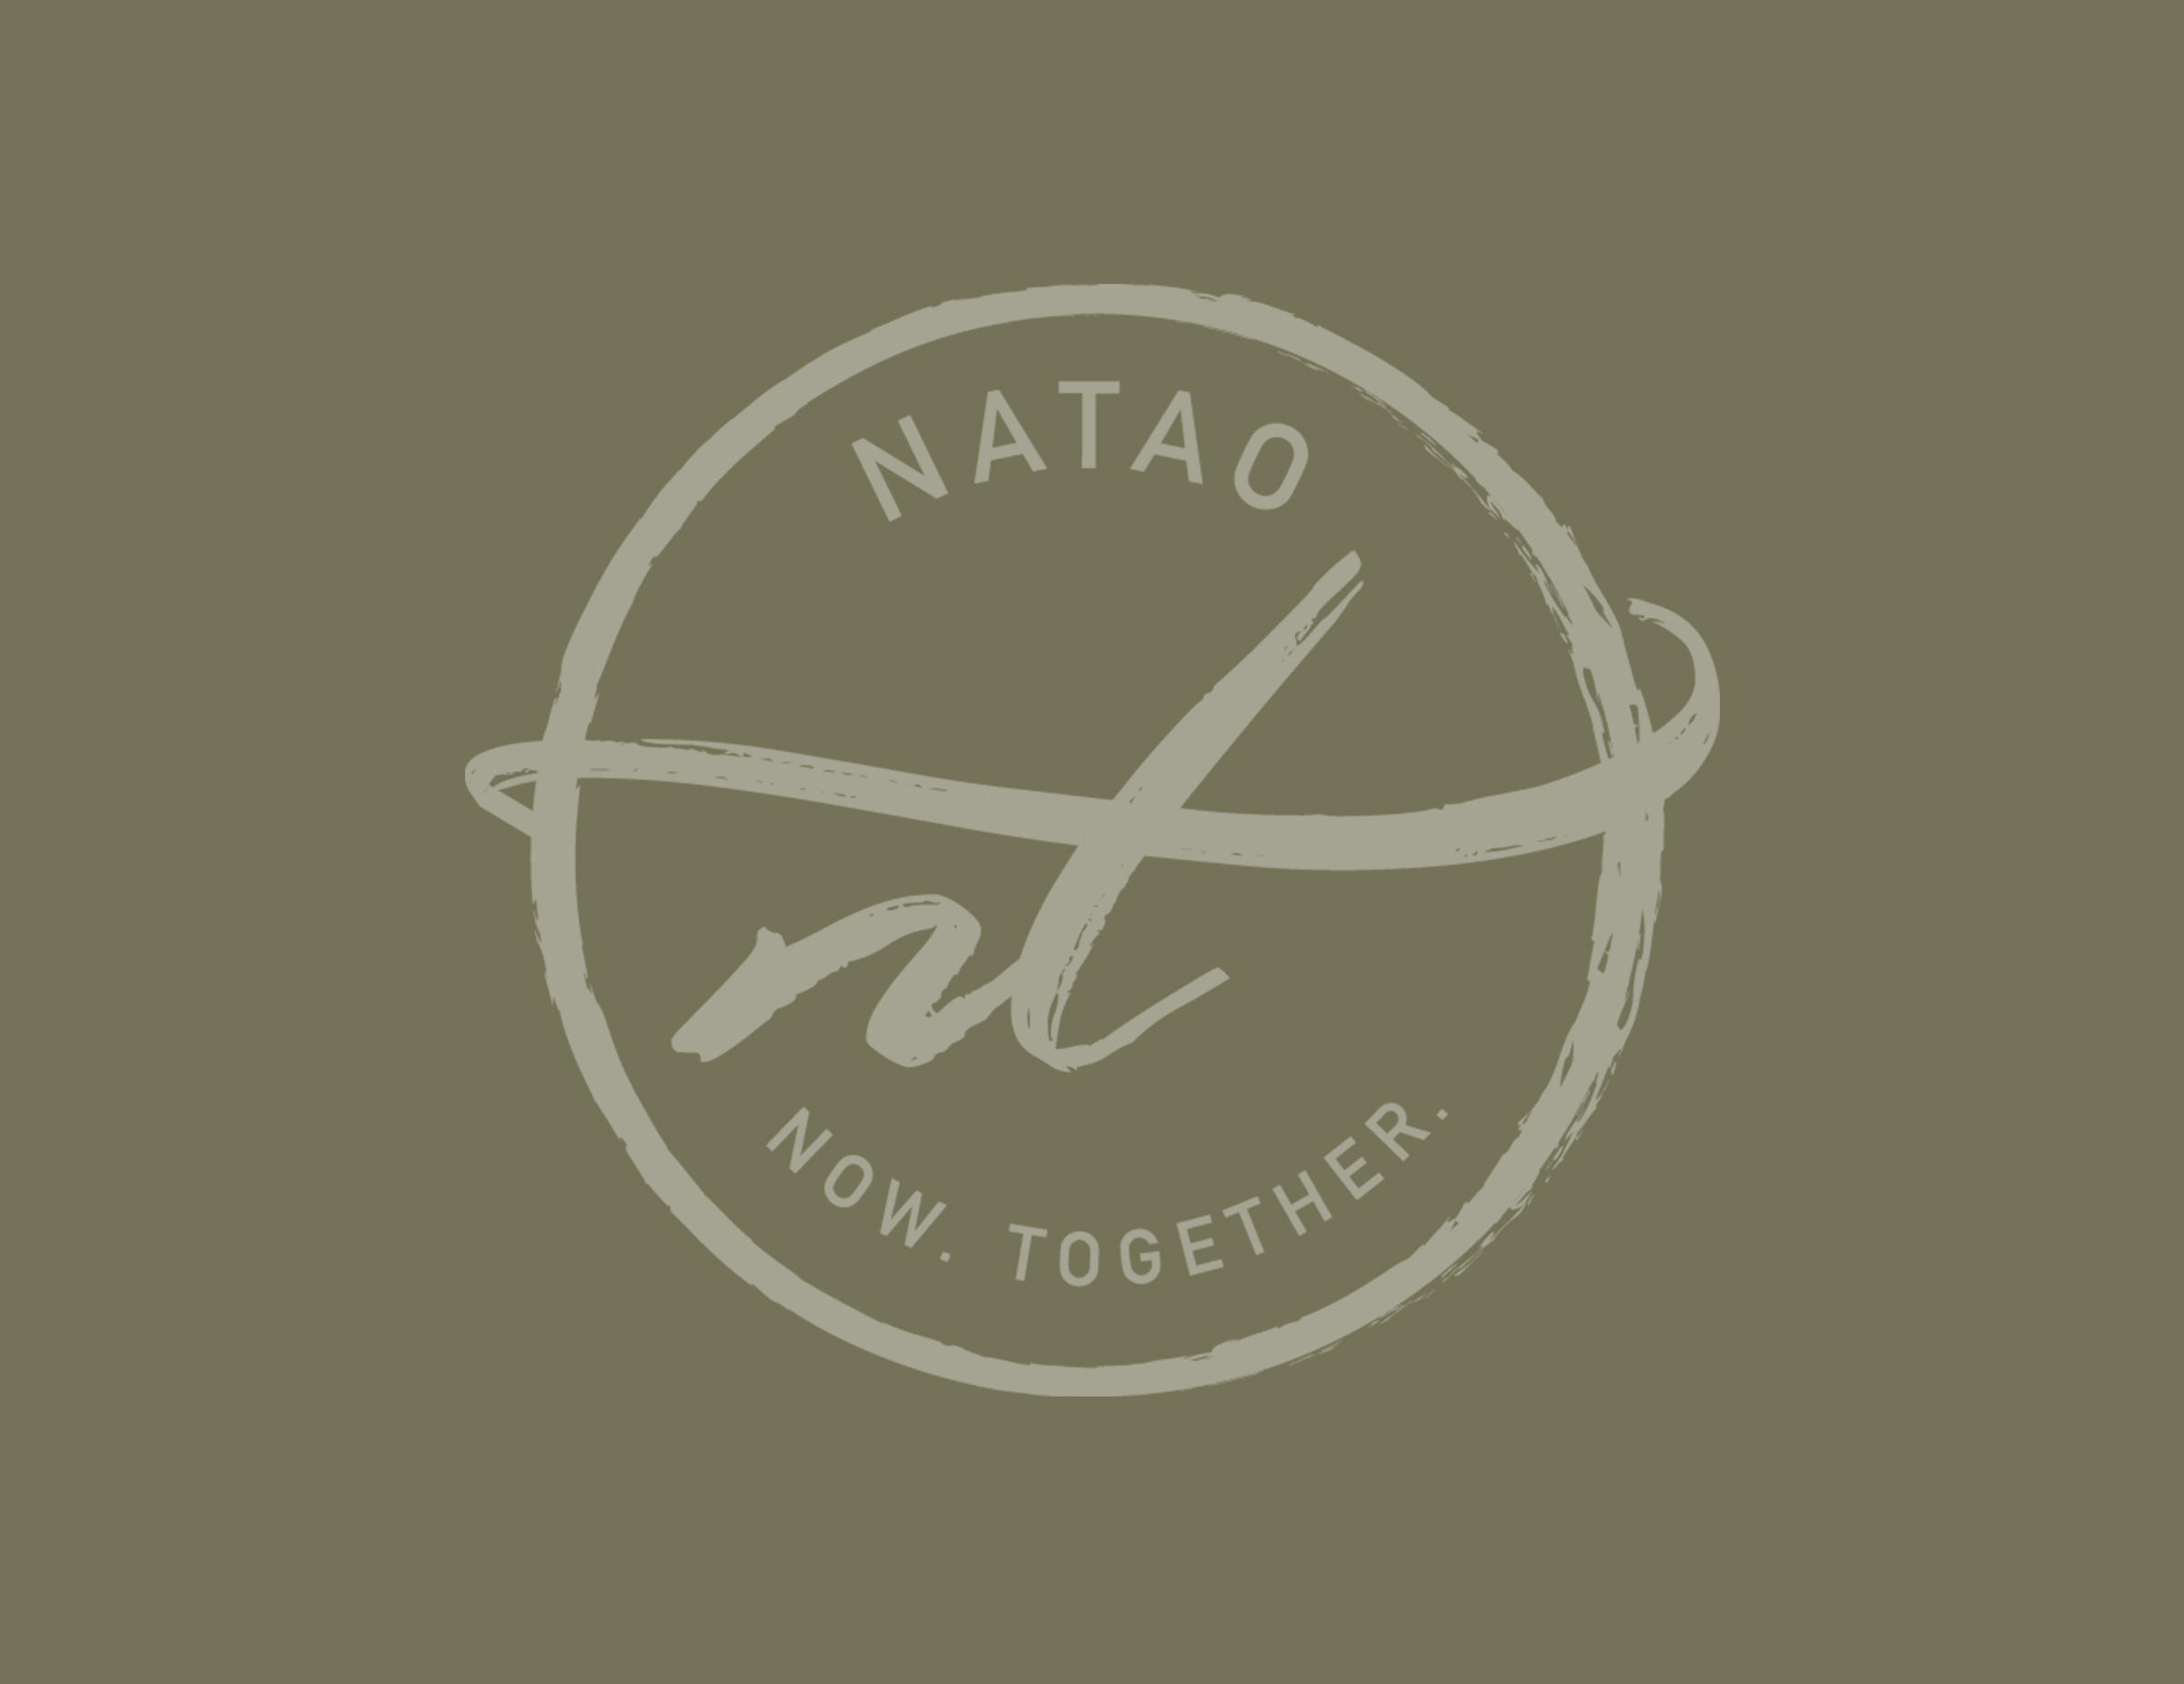 natat-branding-logodesign-gassermiesch